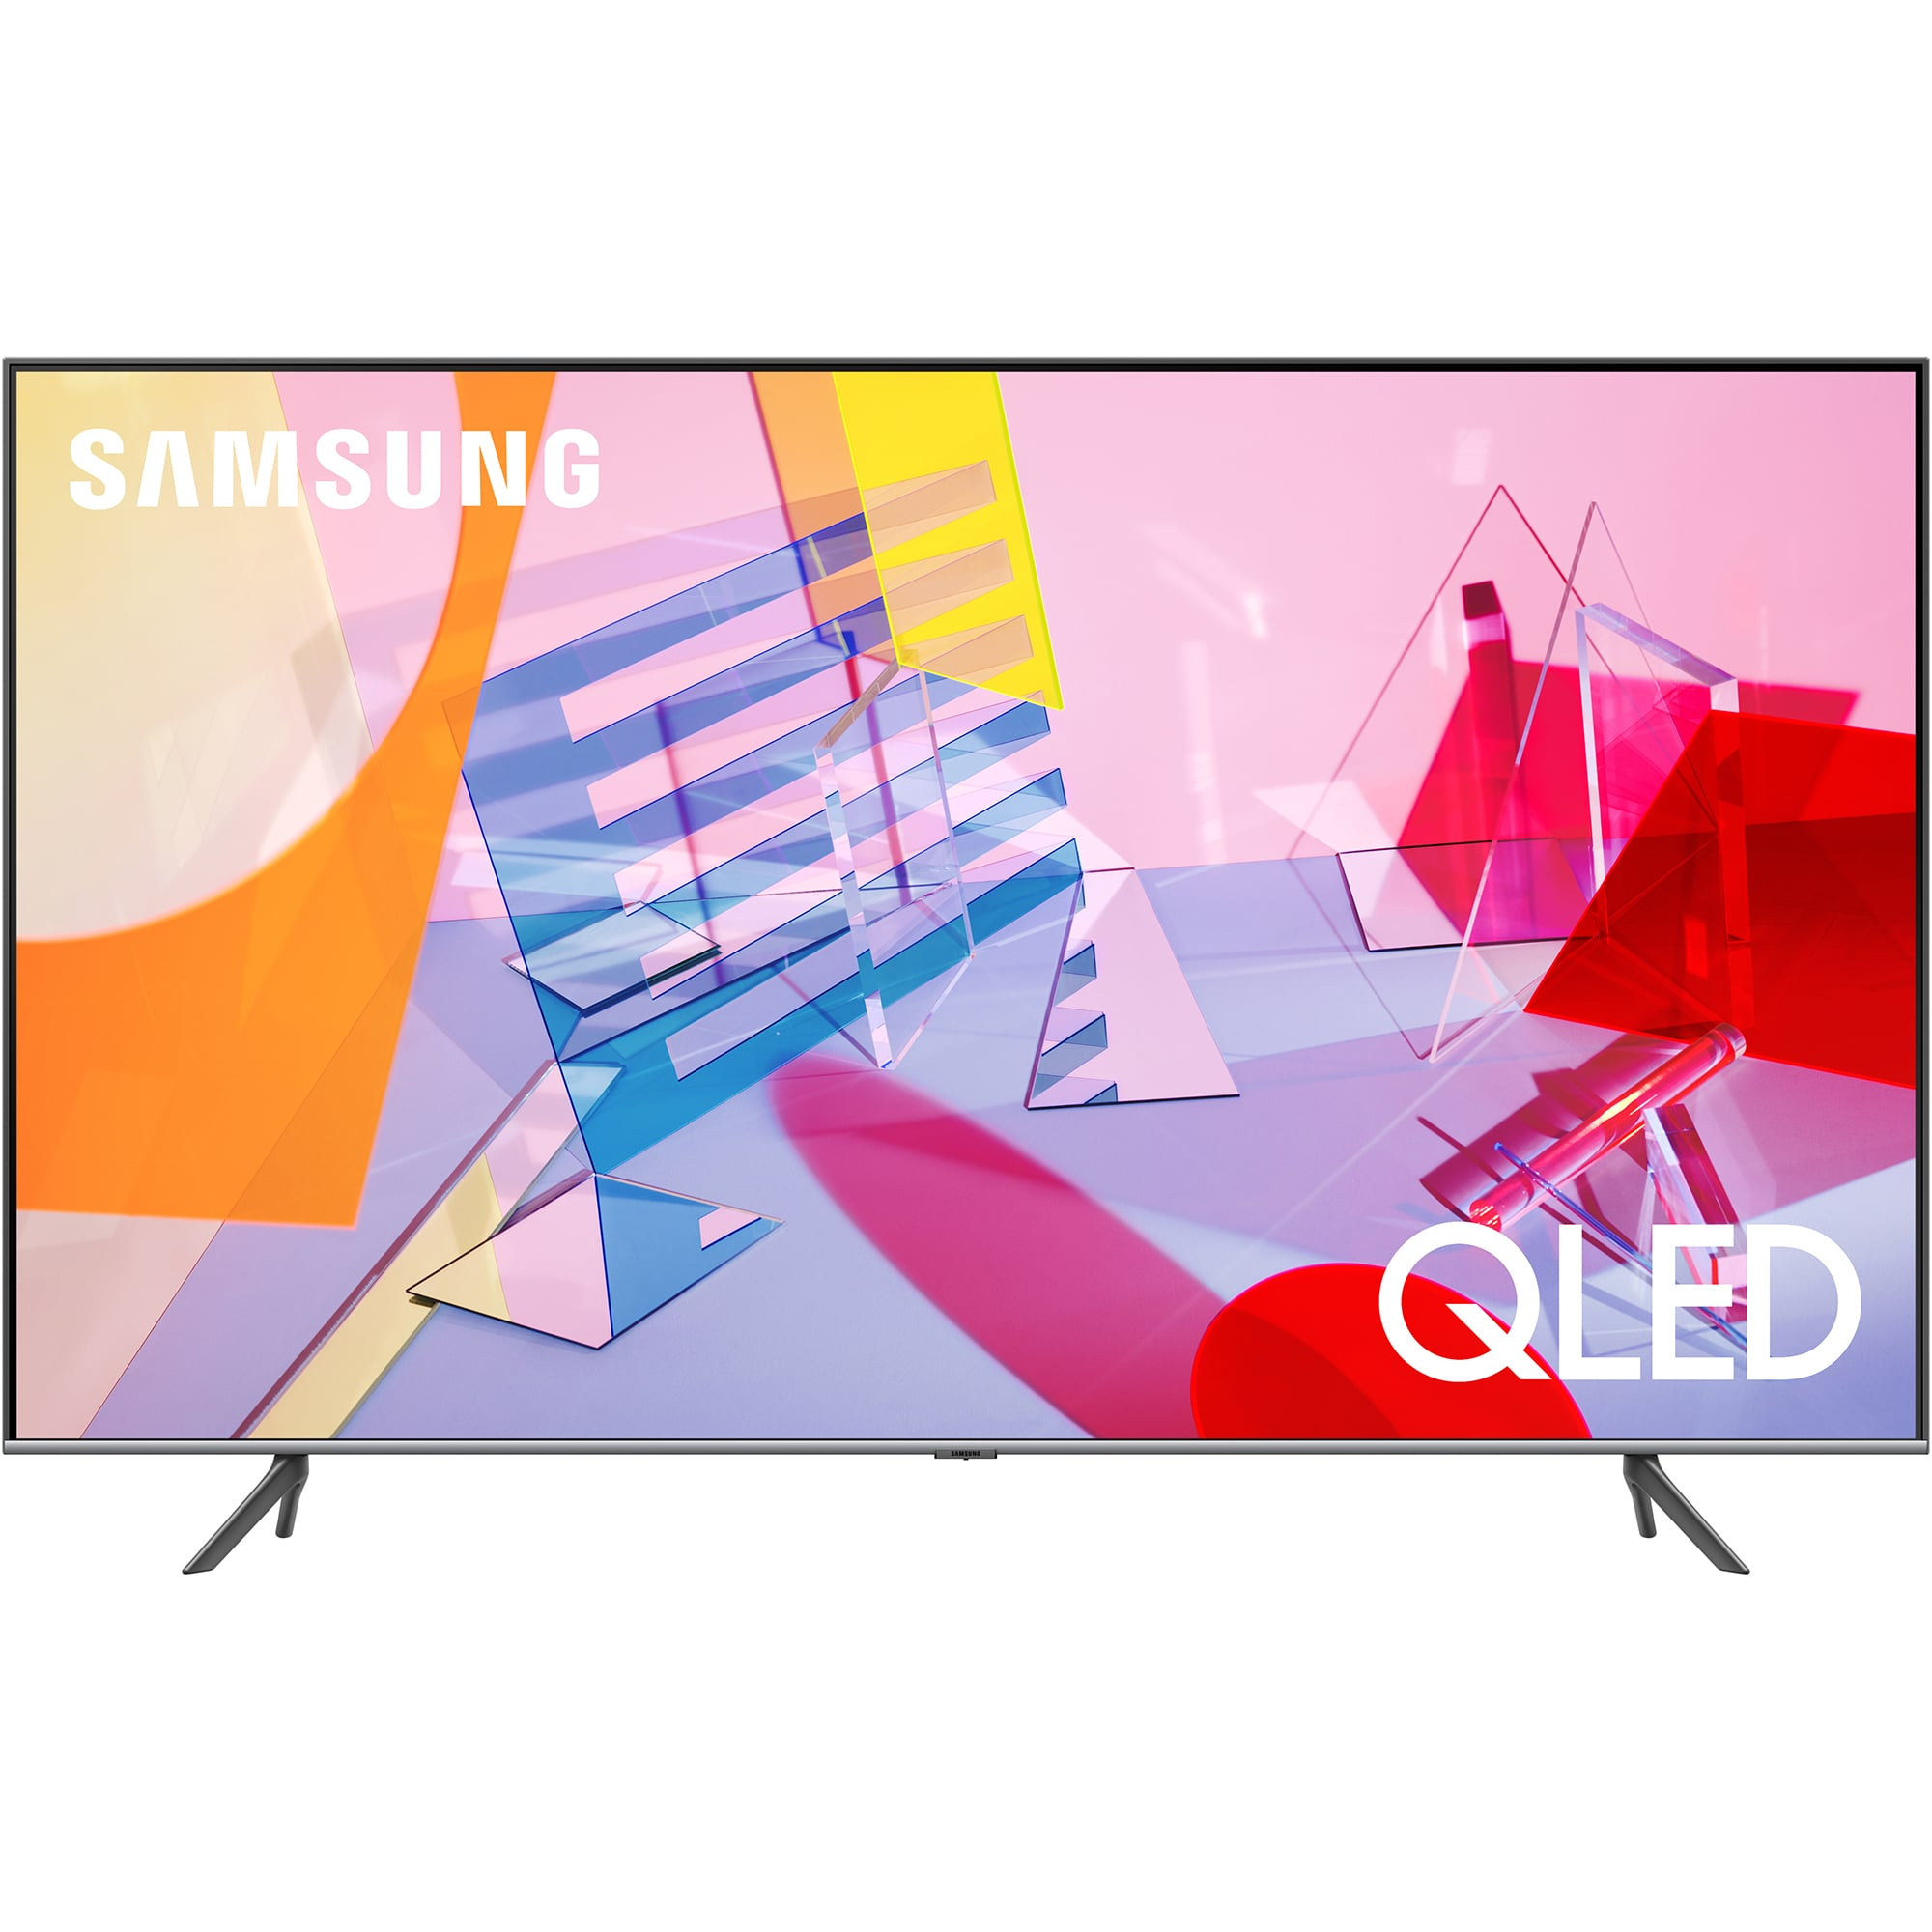 Fotografie Televizor Samsung 55Q60T, 138 cm, Smart, 4K Ultra HD QLED